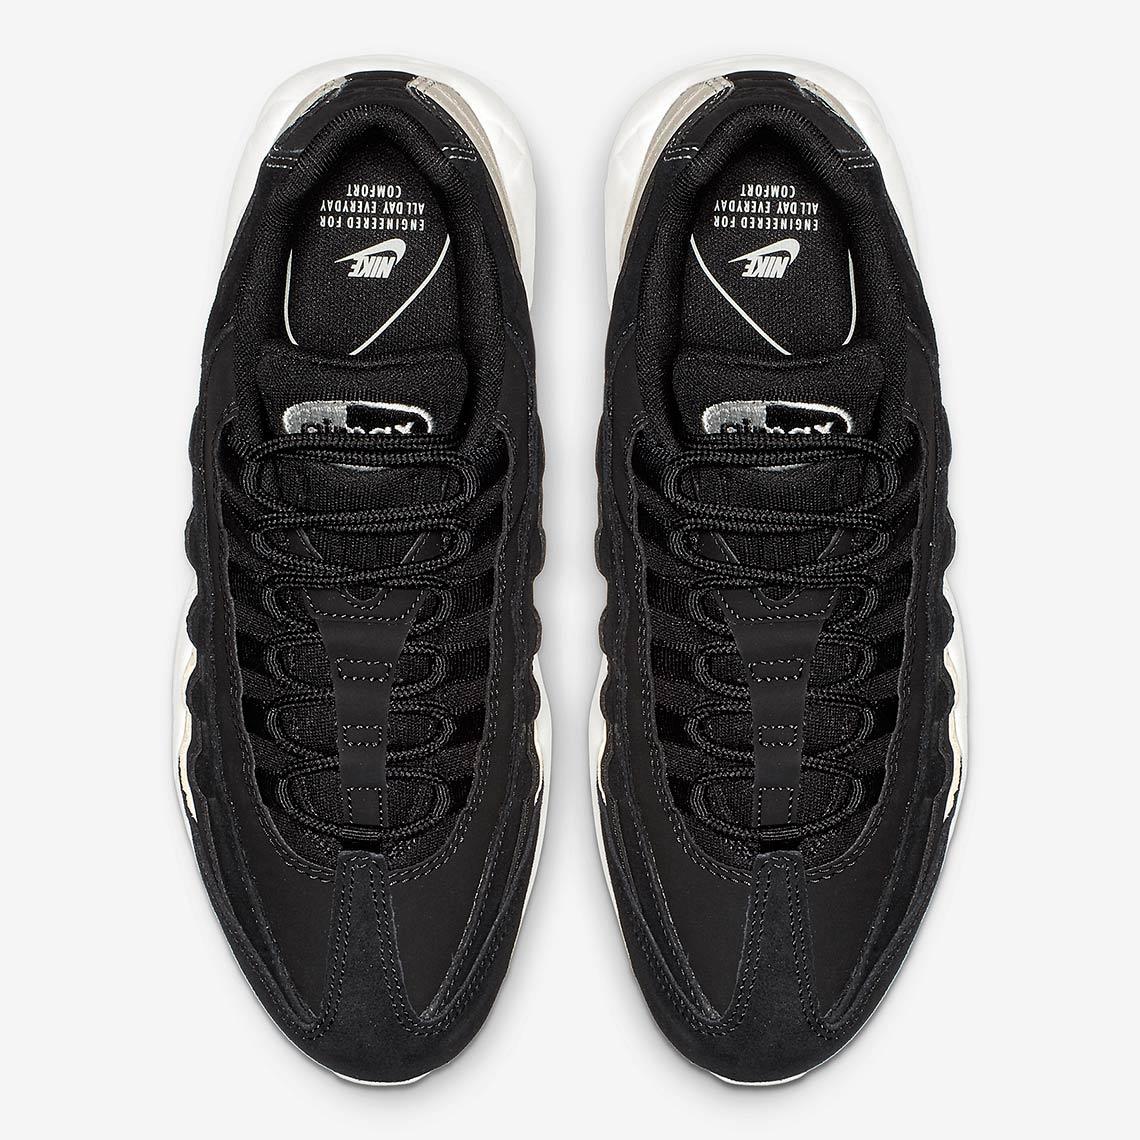 Nike Air Max 95 Black White AQ9721 001 |